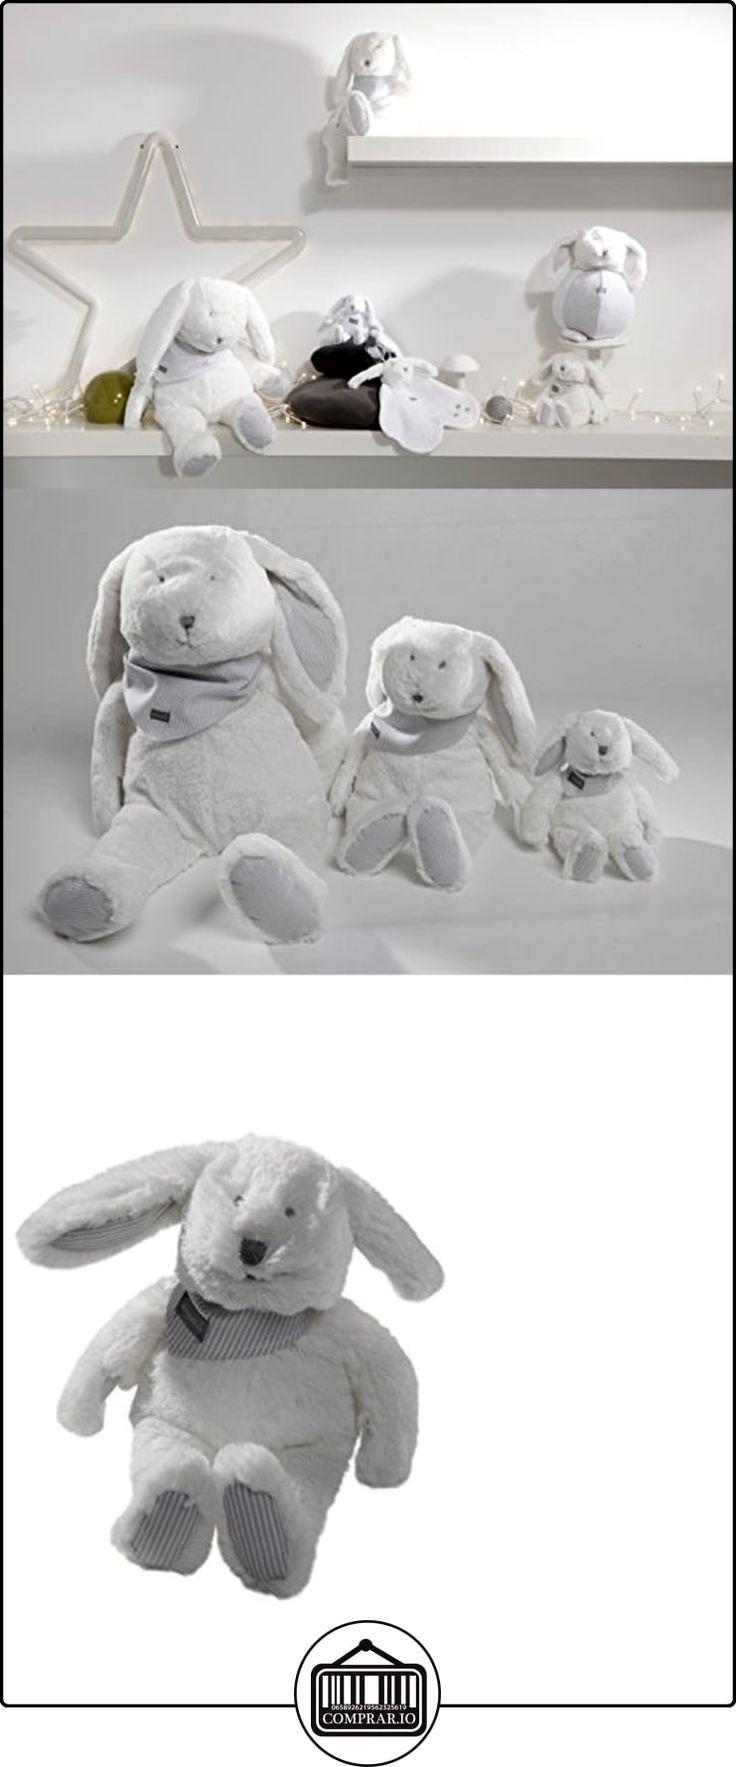 Absorba puériculture peluche conejo forma Mr Martin blanco 15cm  ✿ Regalos para recién nacidos - Bebes ✿ ▬► Ver oferta: http://comprar.io/goto/B00YTB2068